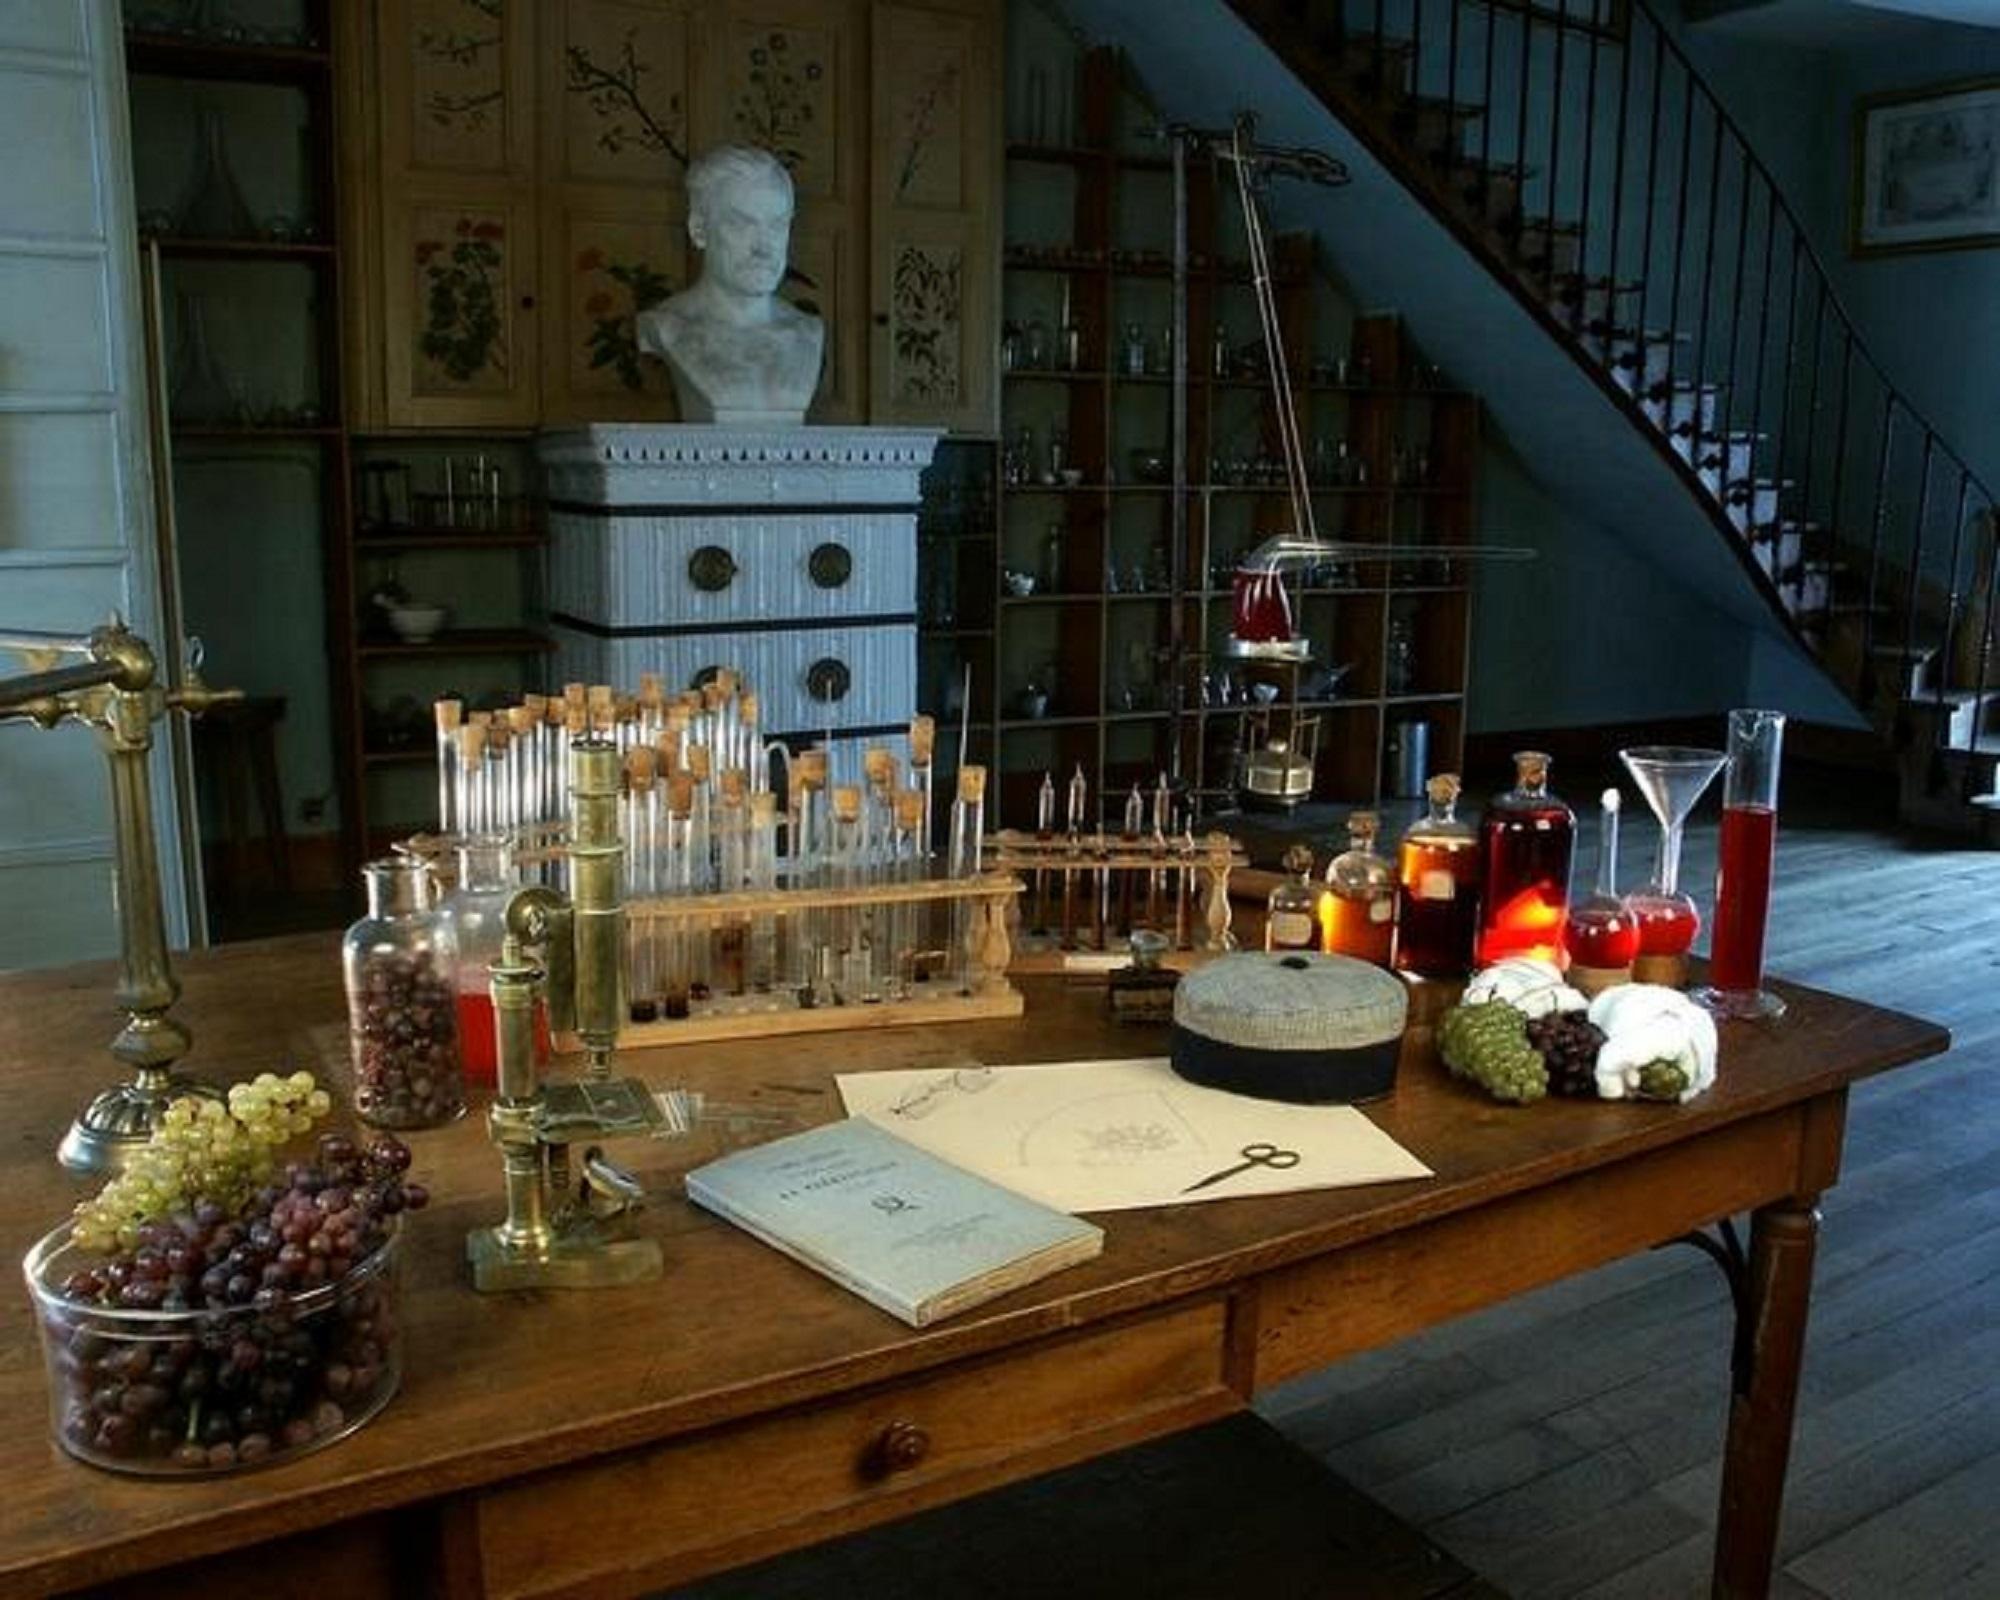 """La laboratoire de la maison de Louis Pasteur, où il a mené des expériences sur le vin. (crédit """"maison de Louis Pasteur Arbois """")"""